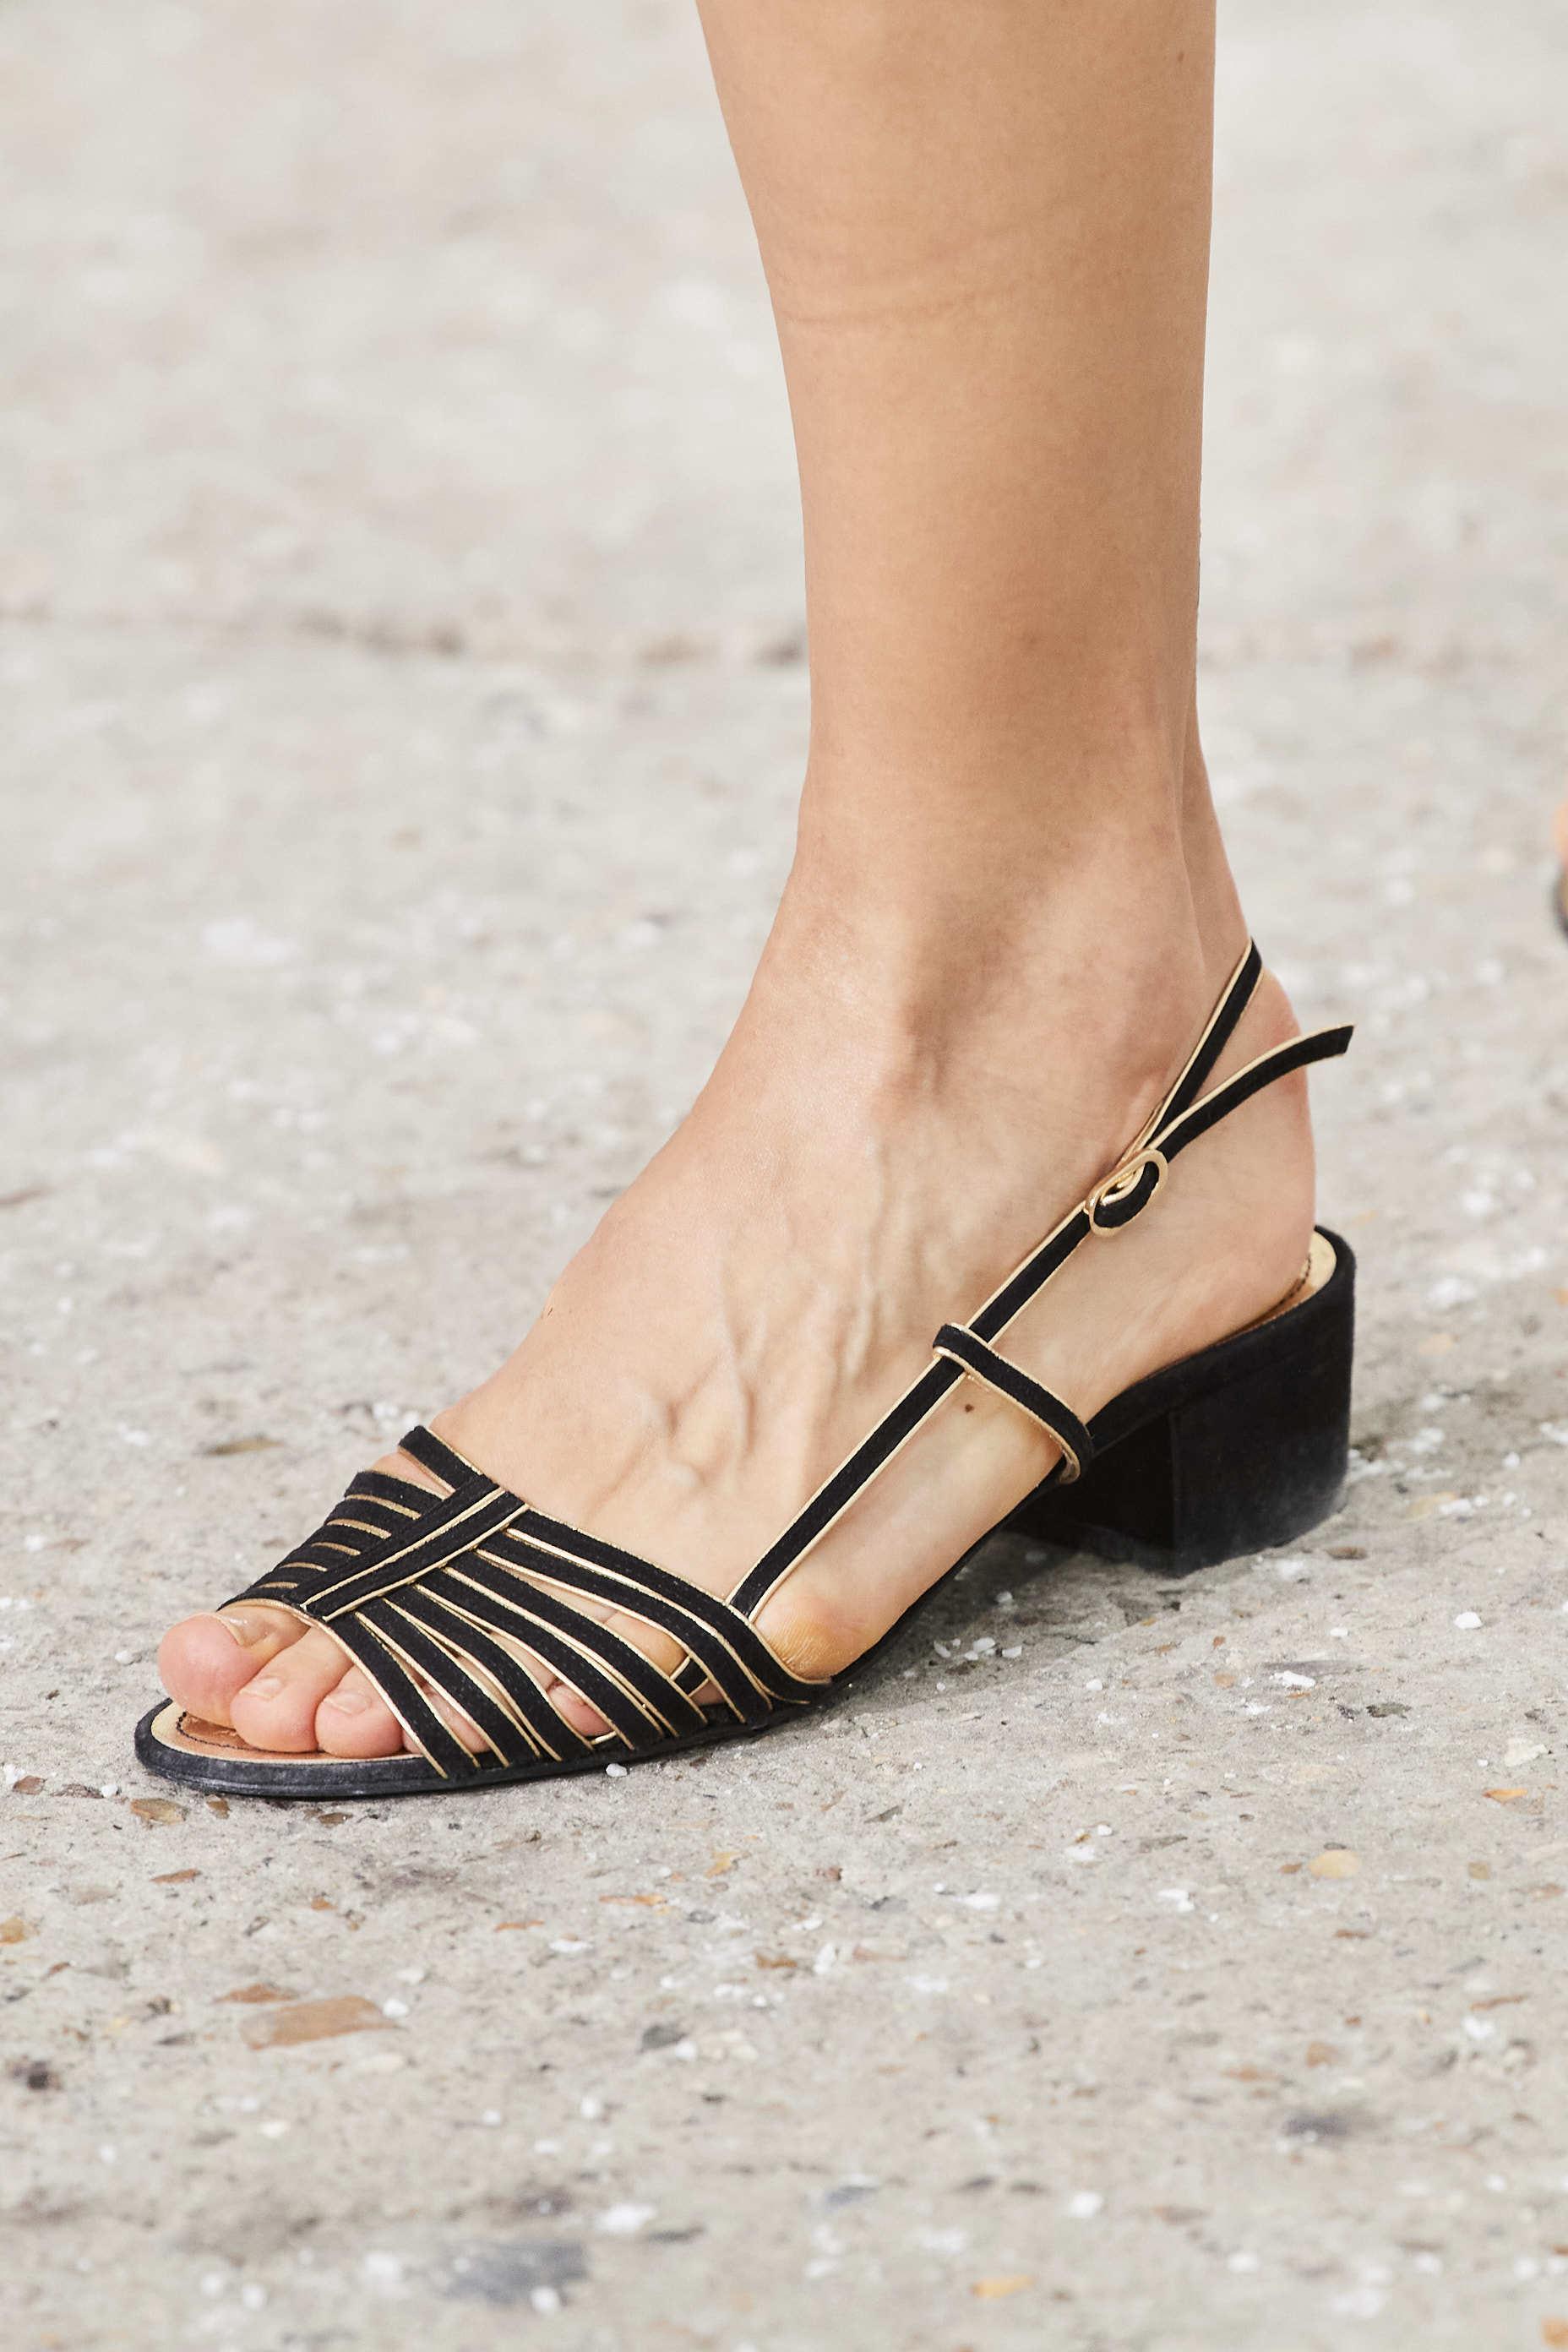 Las sandalias de Chanel.